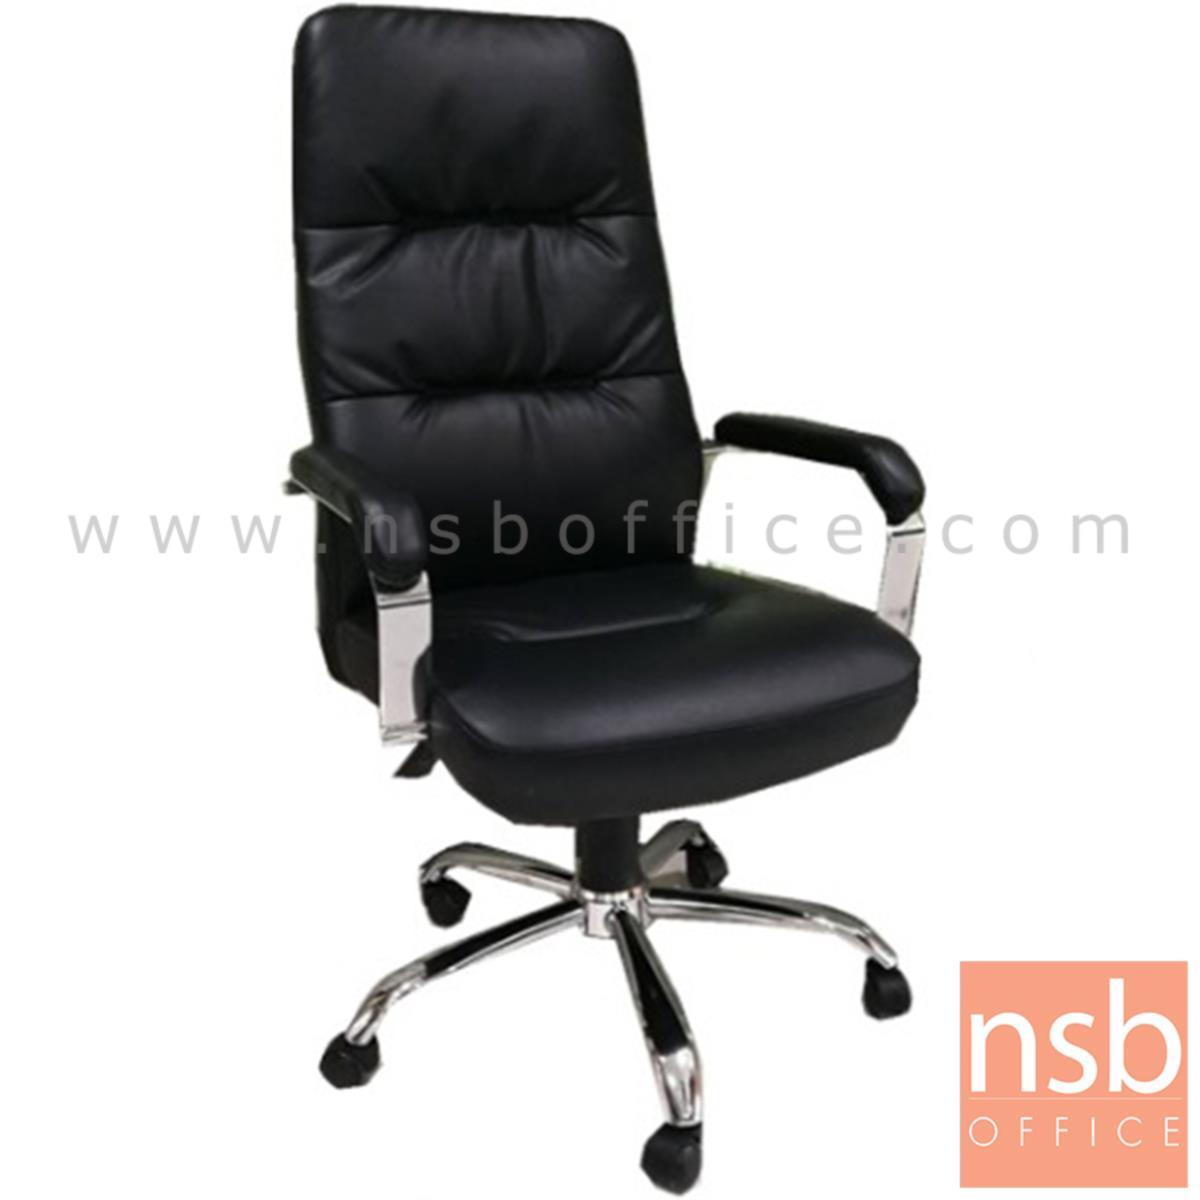 B26A124:เก้าอี้ผู้บริหาร รุ่น Raydon (เรย์ดอน)  ไฮดรอลิค มีก้อนโยก ขาเหล็กชุบโครเมี่ยม